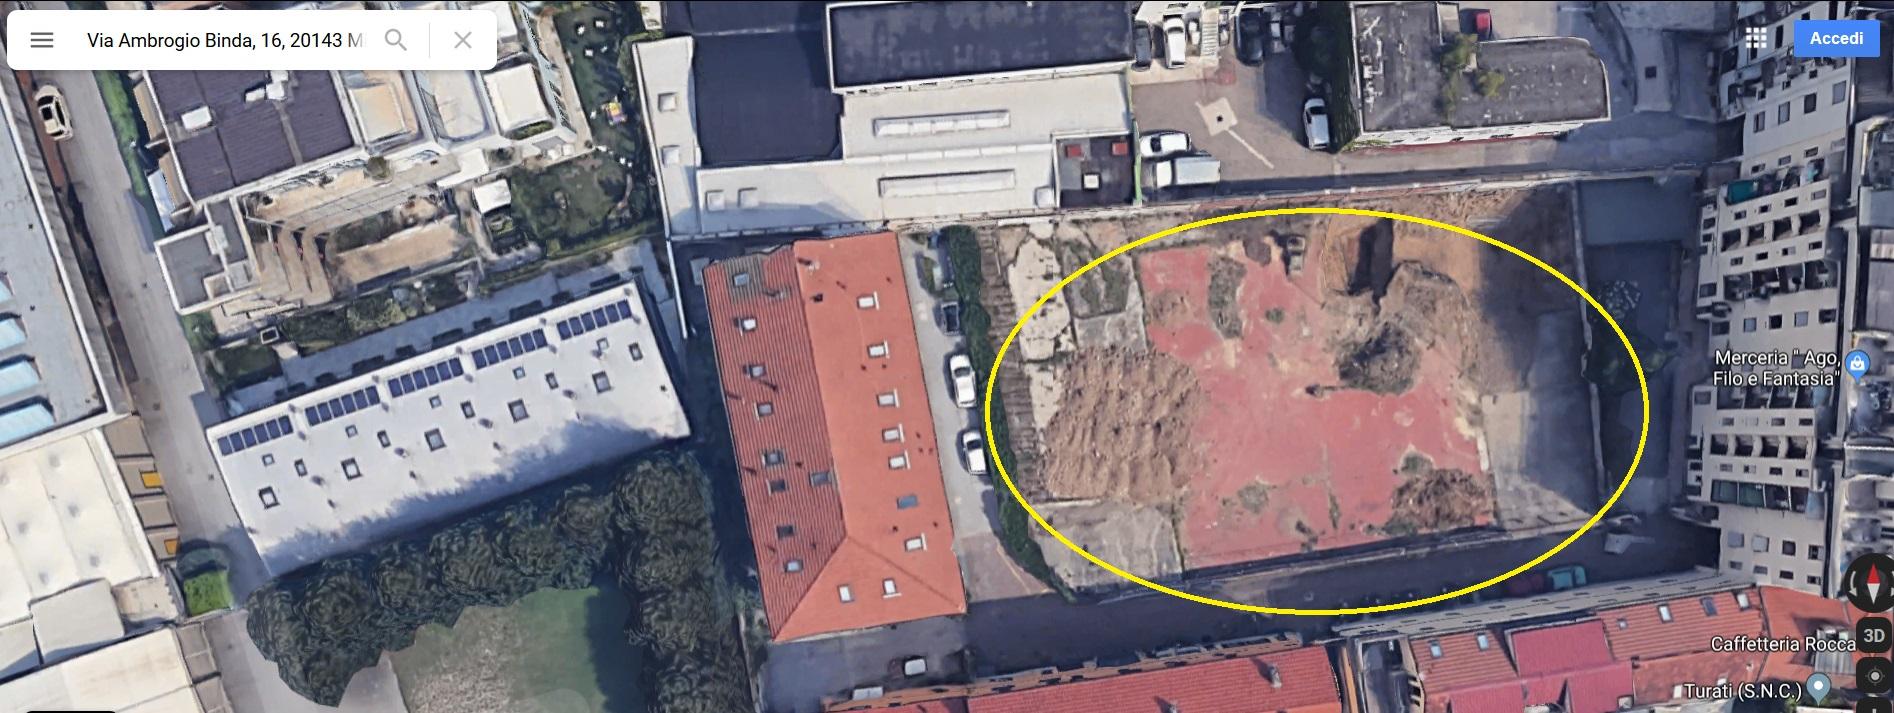 Foto satellitare Google dell'area ex parcheggio e Ditta Luigi Neri Combustibili di Via Ambrogio Binda 16. Sono ovviamente passati più di 34 anni circa e individuare fabbricati, forse di pertinenza della Cascina Corna, dove erano ospitati gli uffici della ditta sopracitata, è impresa a dir poco ardua Nella foto sat si puo' comunque notare l'ampiezza dell'area rispetto al passo carraio del civico 14. Le autocisterne, al civico 16, avevano la possibilità di effettuare manovre tali da entrare in un senso e uscire, sempre, senza manovre di retromarcia (cosa invece non possibile nell'area corilizia del civico 14. Si notano i residui (al 16) di fabbricati demoliti e aree di delimitazione oggi non utilizzate. In tali spazi vi era la ditta di combustibili sopra citata. Se poi questa ditta apri' una sede legale al civico 14 non è dato sapere. Quello che è certo era l'accesso e l'uscita dal passo carraio del civico 16 di Via Binda.